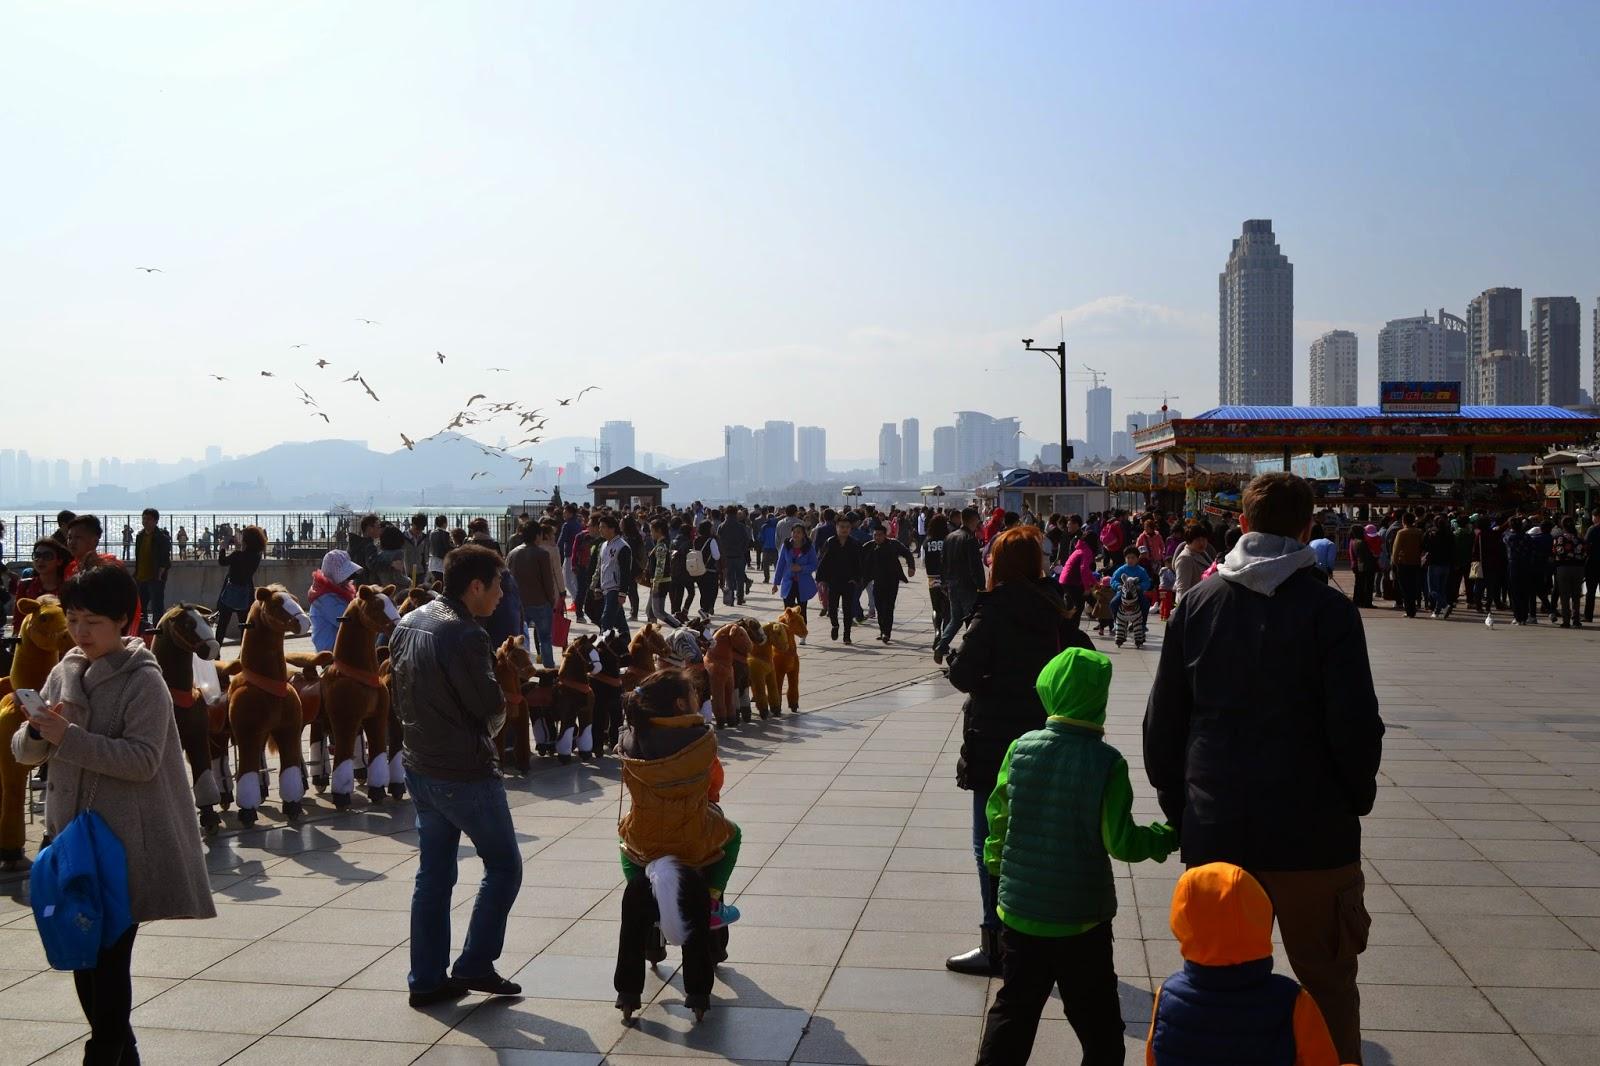 kansalliset vapaapäivät 2015 kiina